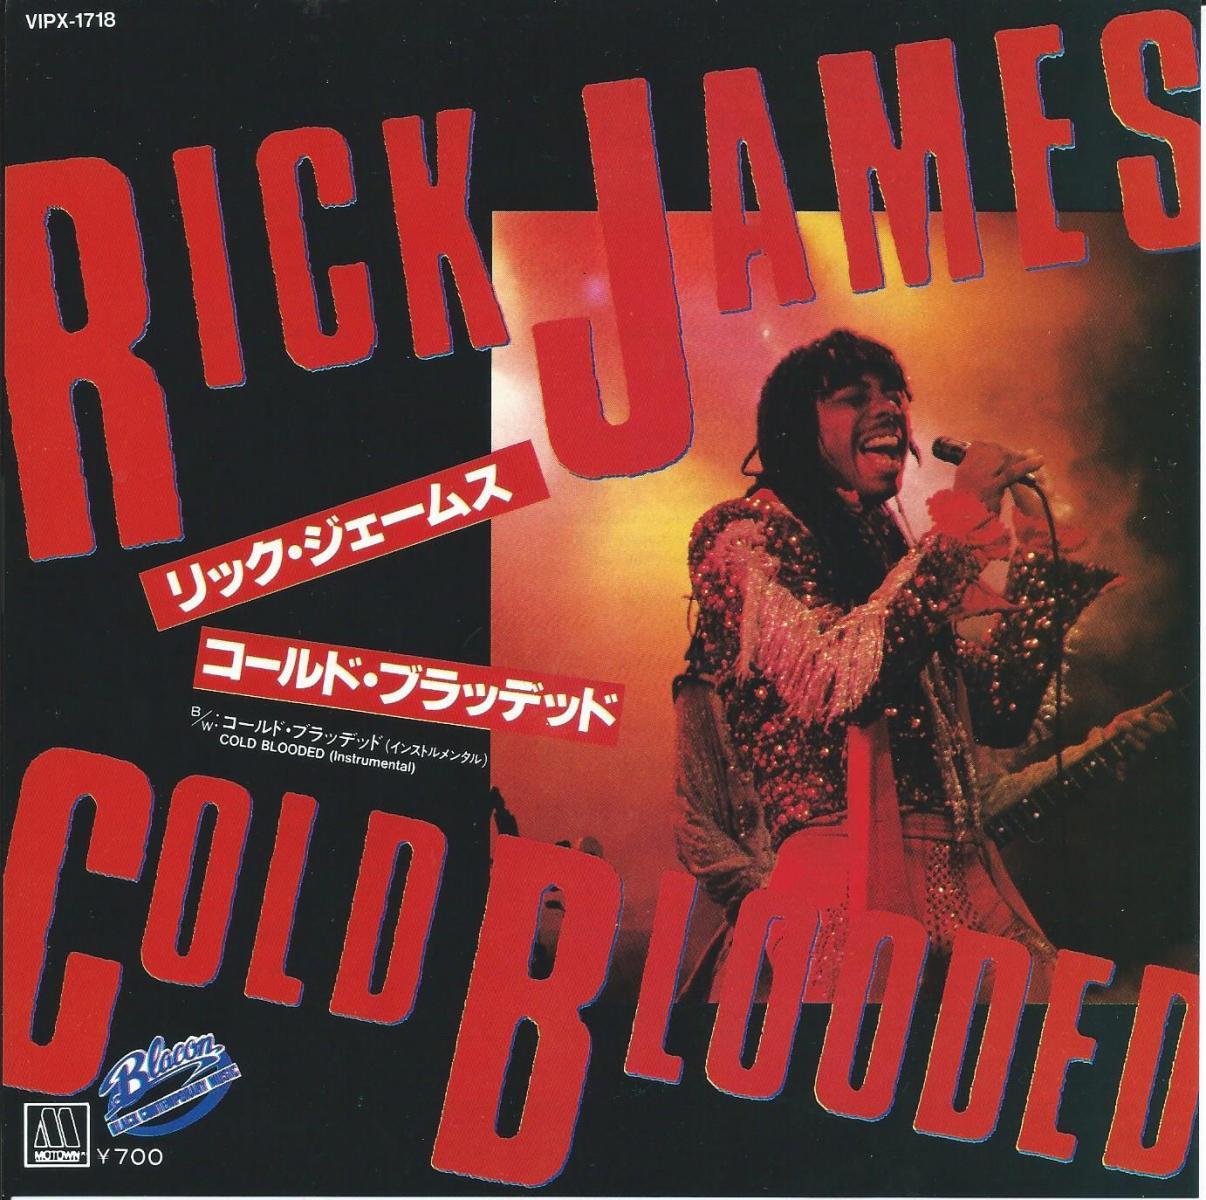 リック・ジェームス RICK JAMES / コールド・ブラッデッド COLD BLOODED (7